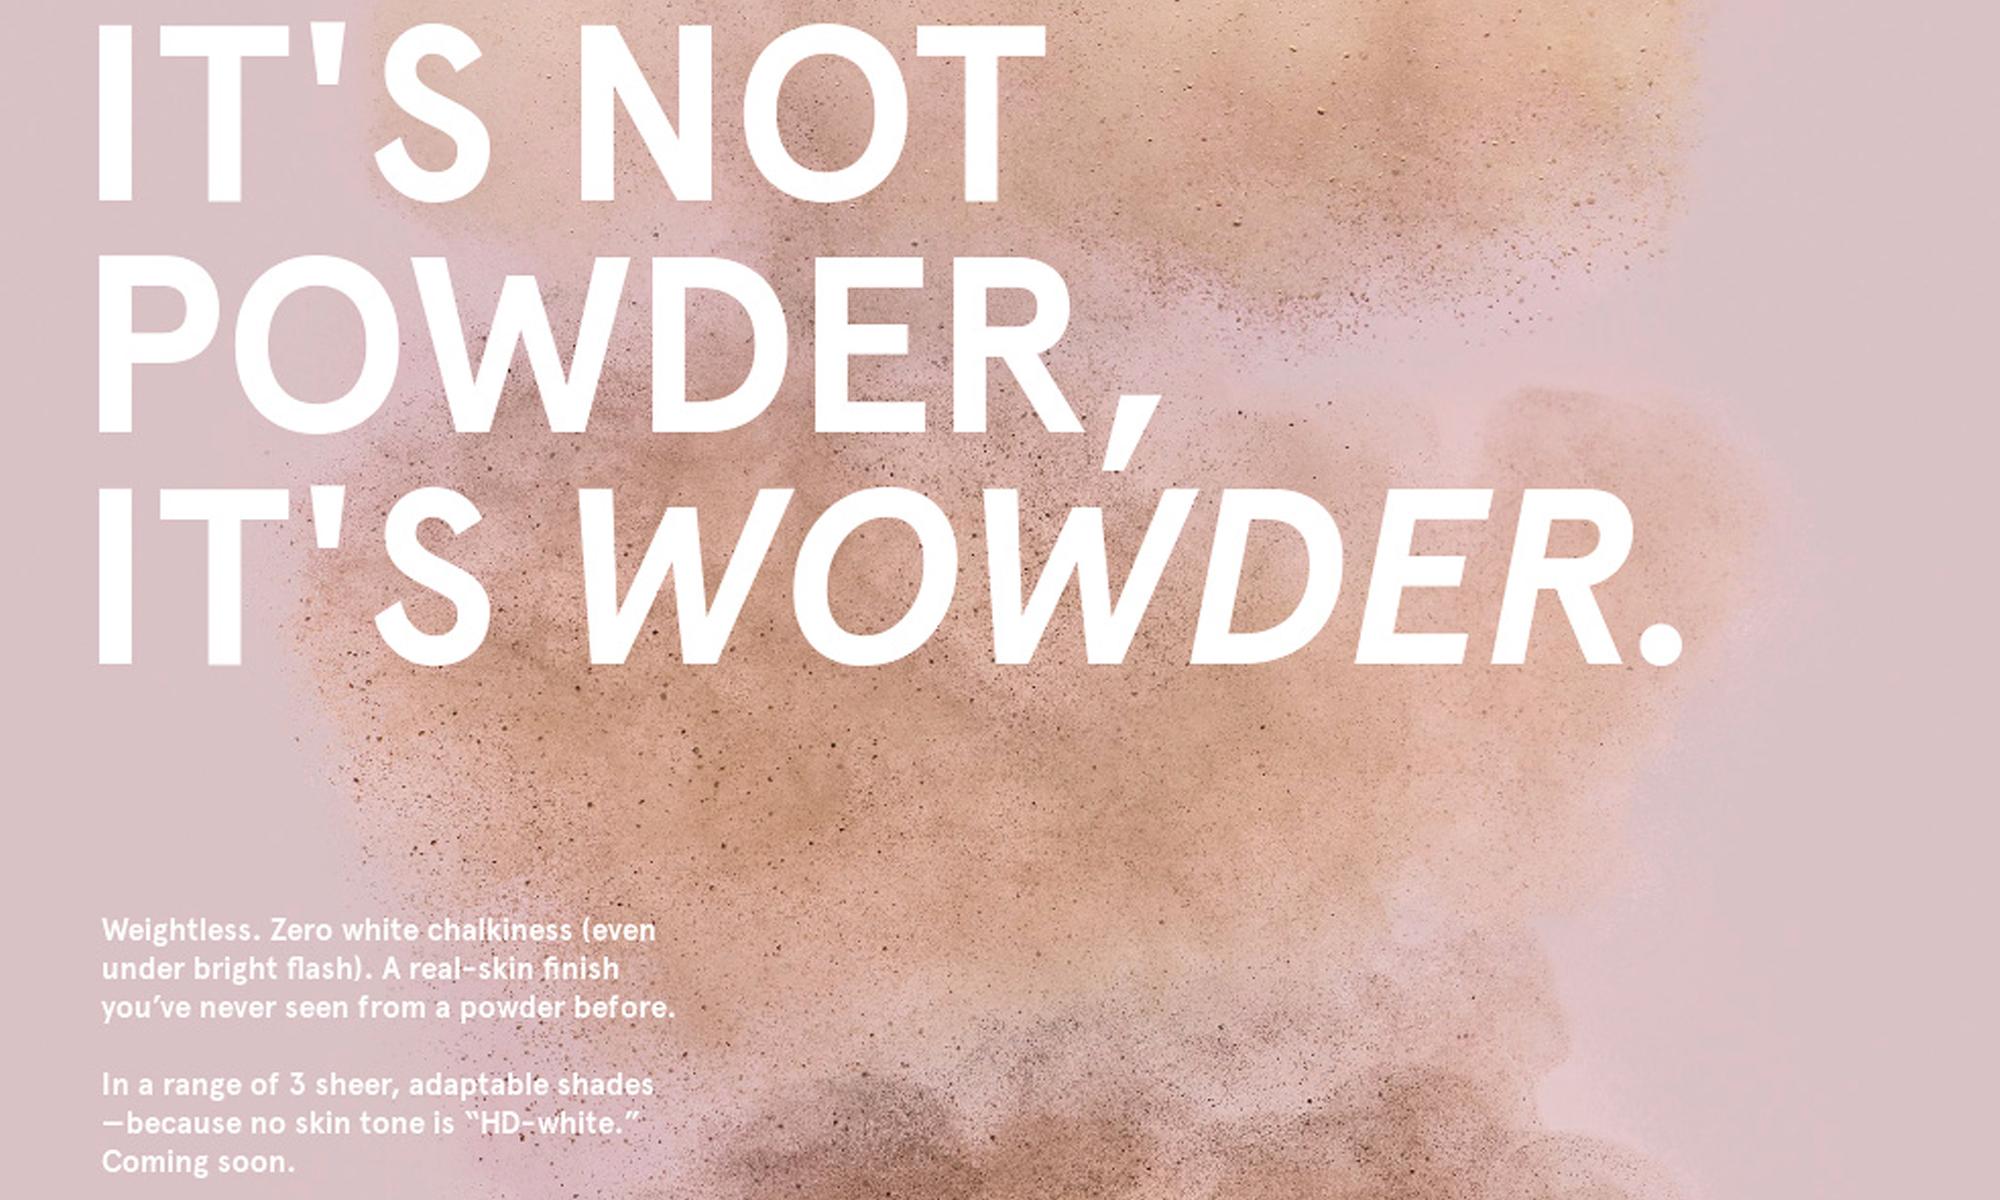 Image via wowder.net